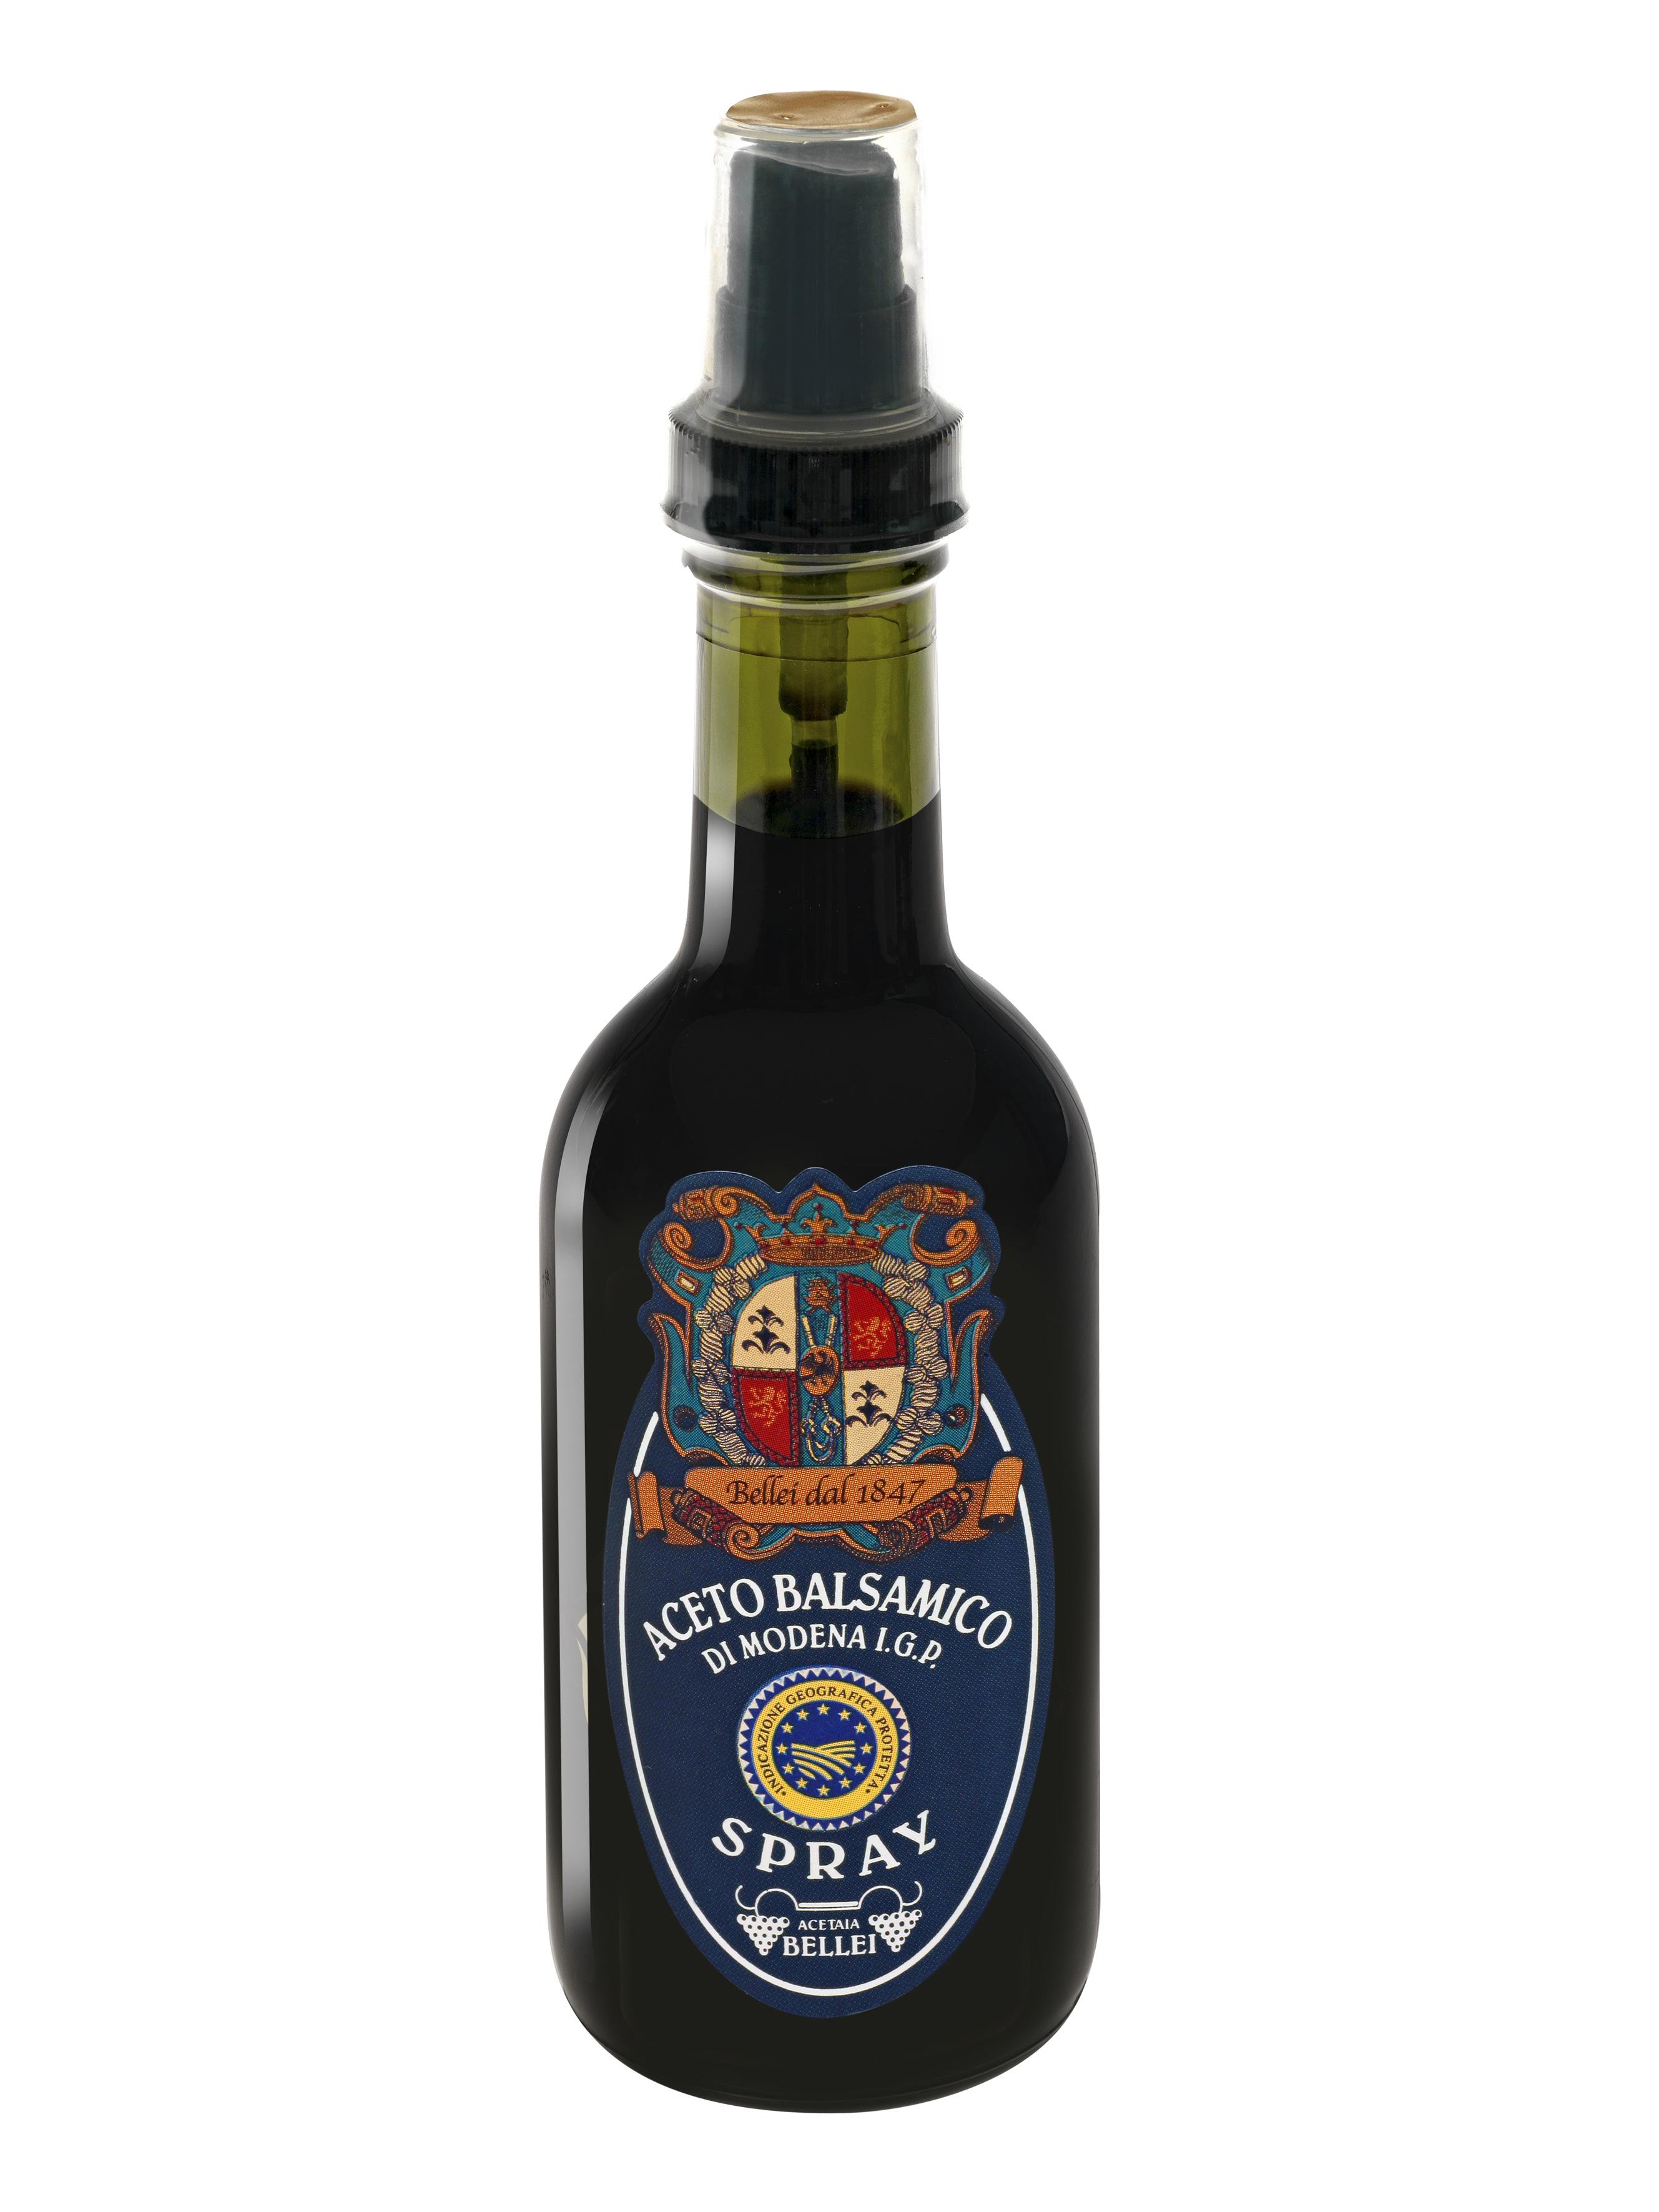 Aceto balsamico di Modena IGP Araldica Bellei spray